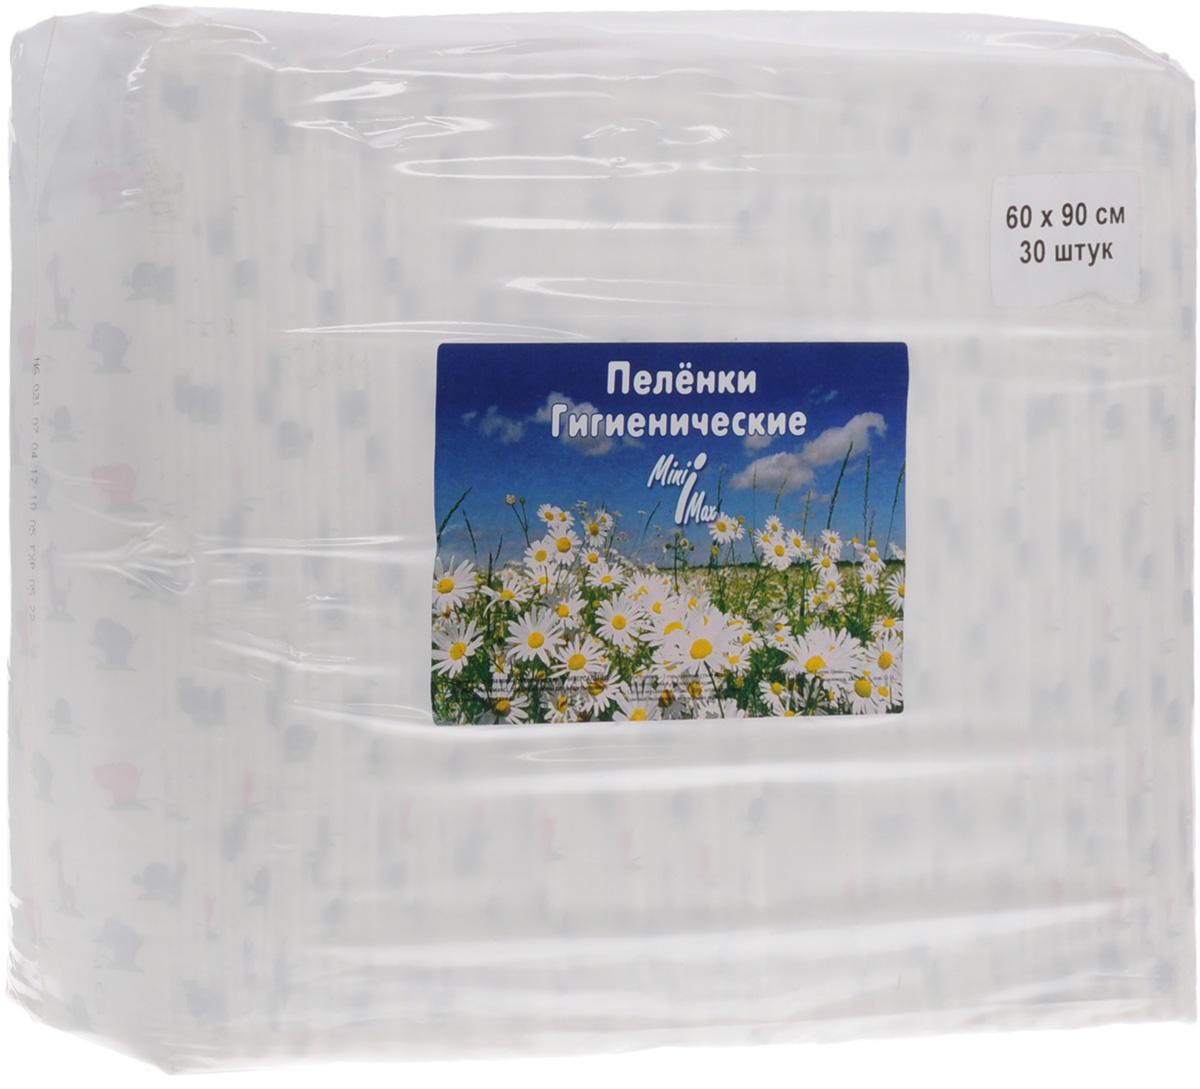 Гигиенические пеленки MiniMax, универсальные, 60 см x 90 см, 30 шт одноразовые пеленки minimax пеленки гигиенические 60х90 30 шт